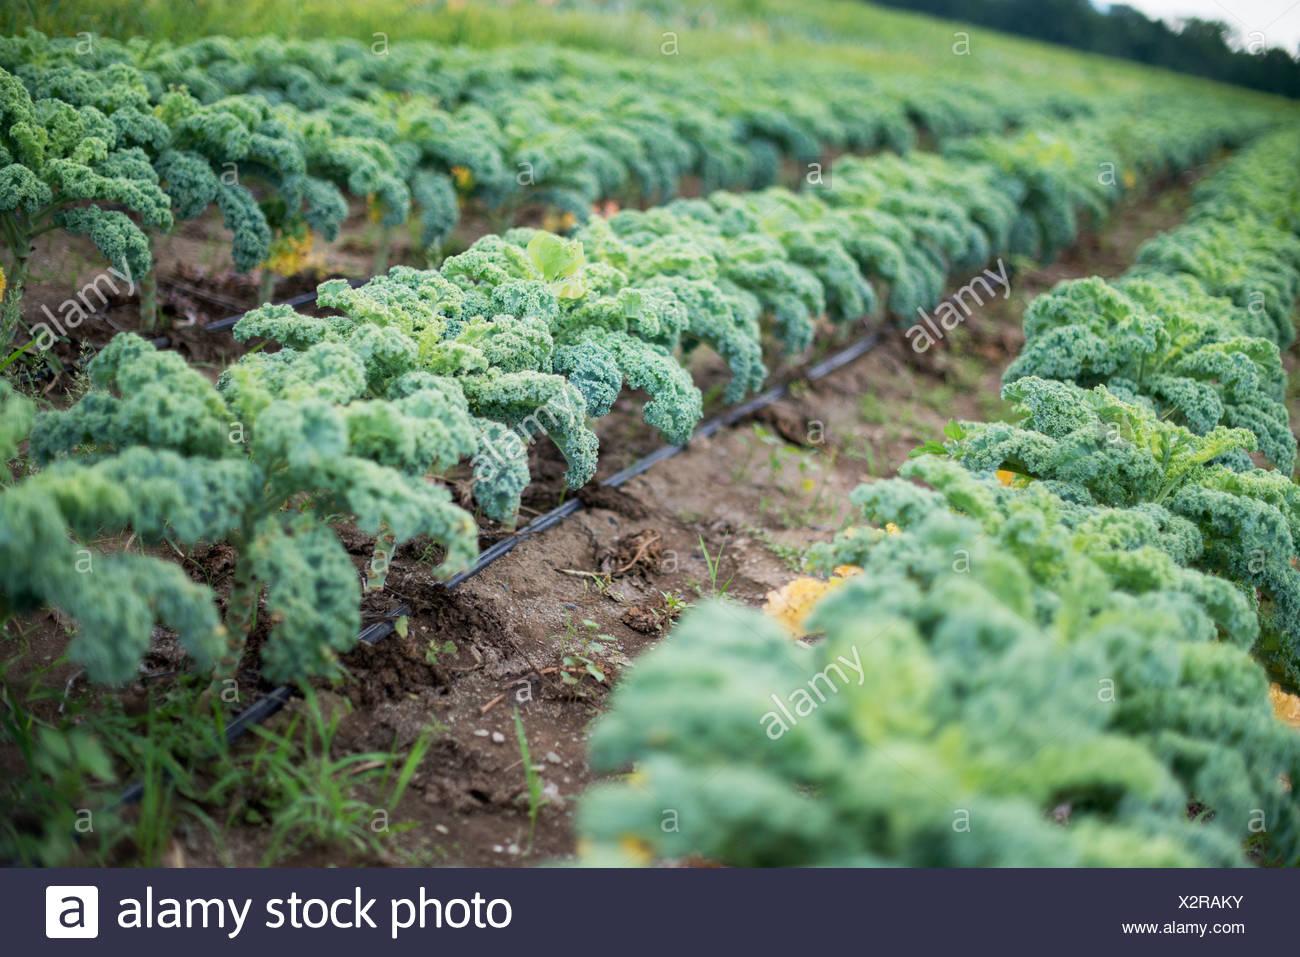 Righe di parentesi verdi piante vegetali che crescono su di una azienda agricola biologica. Immagini Stock